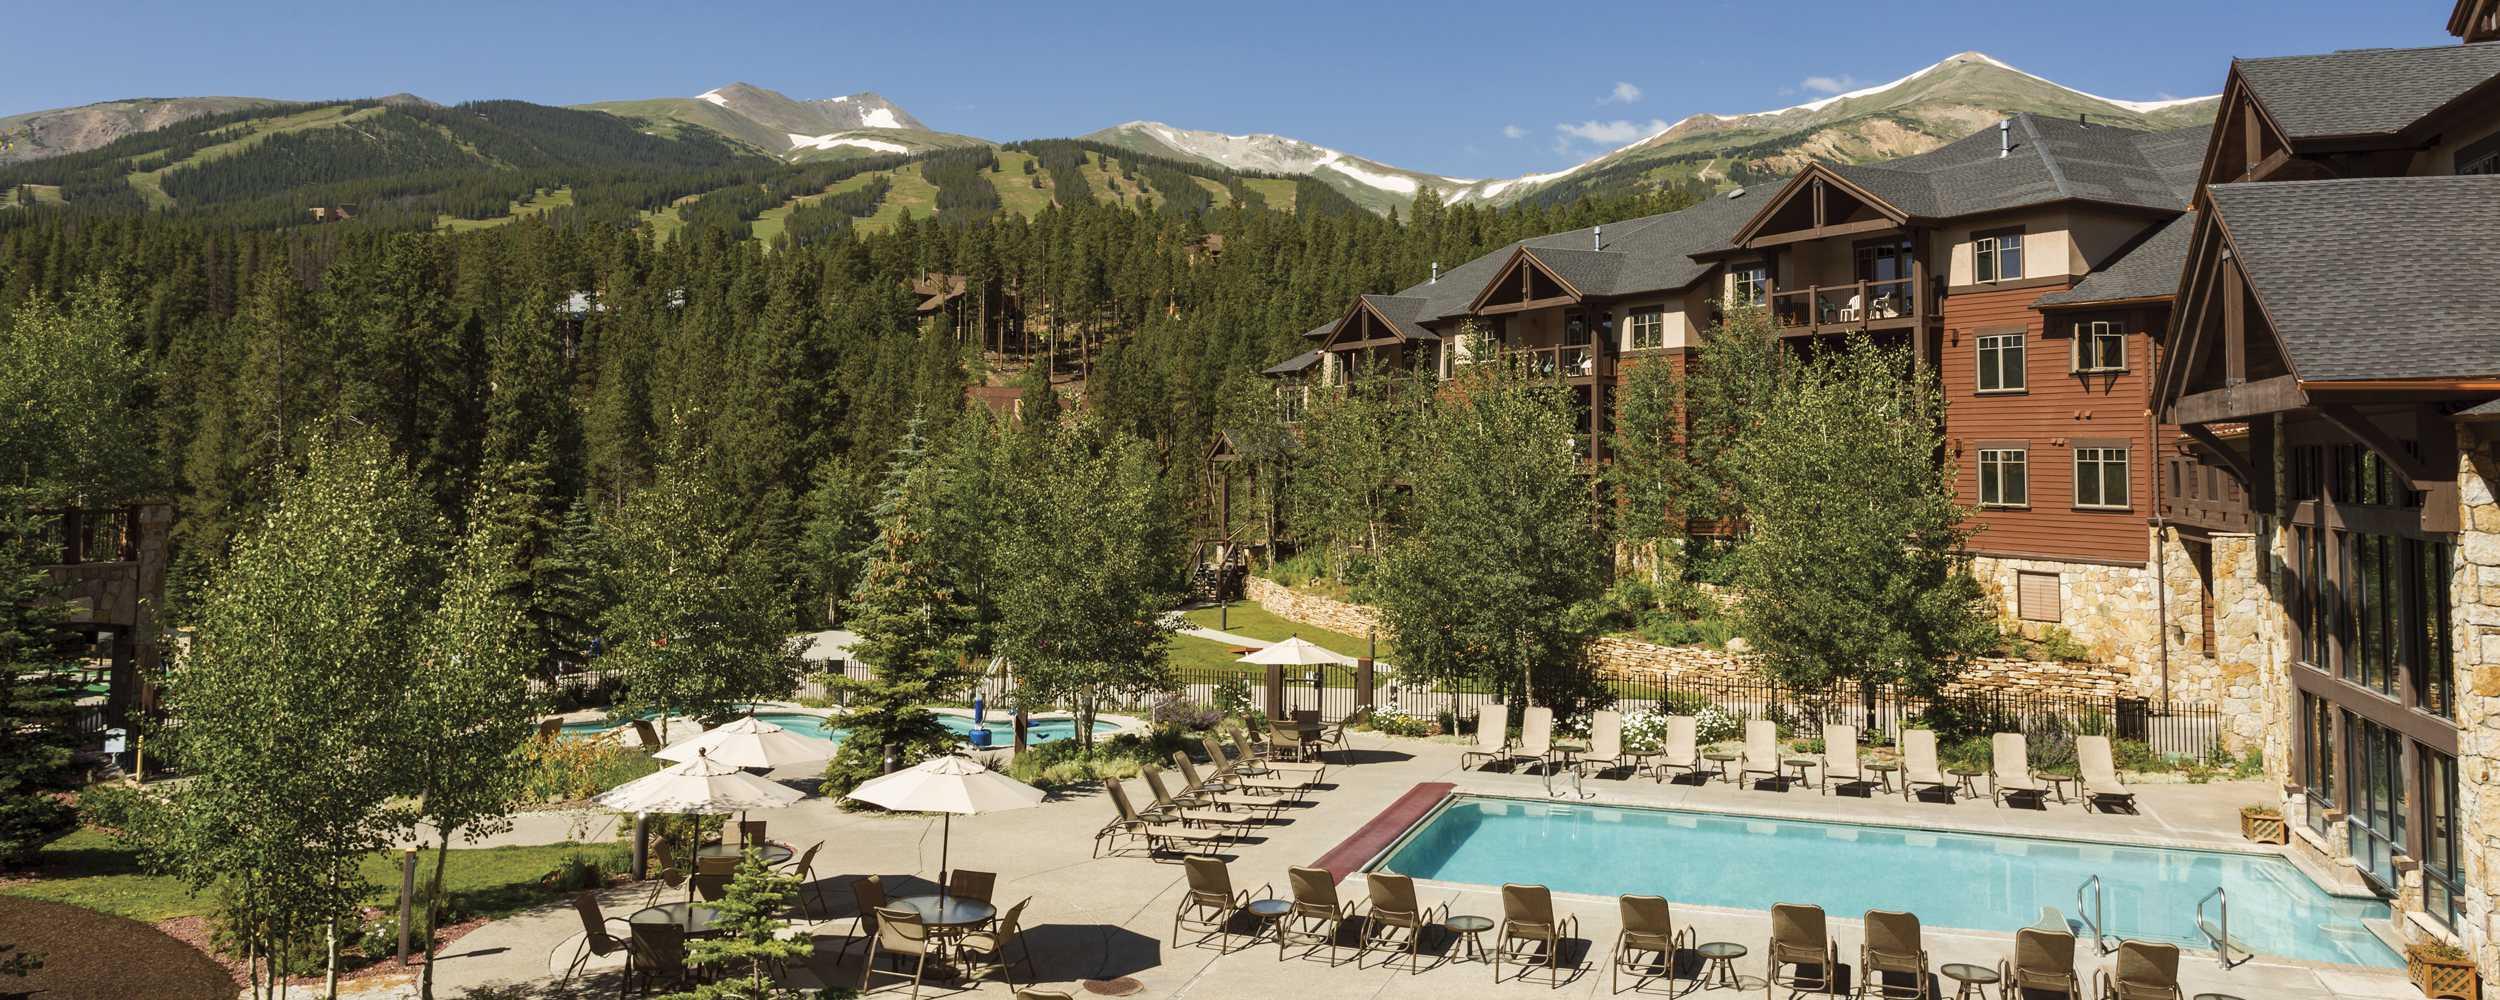 Summer at Grand Timber Lodge